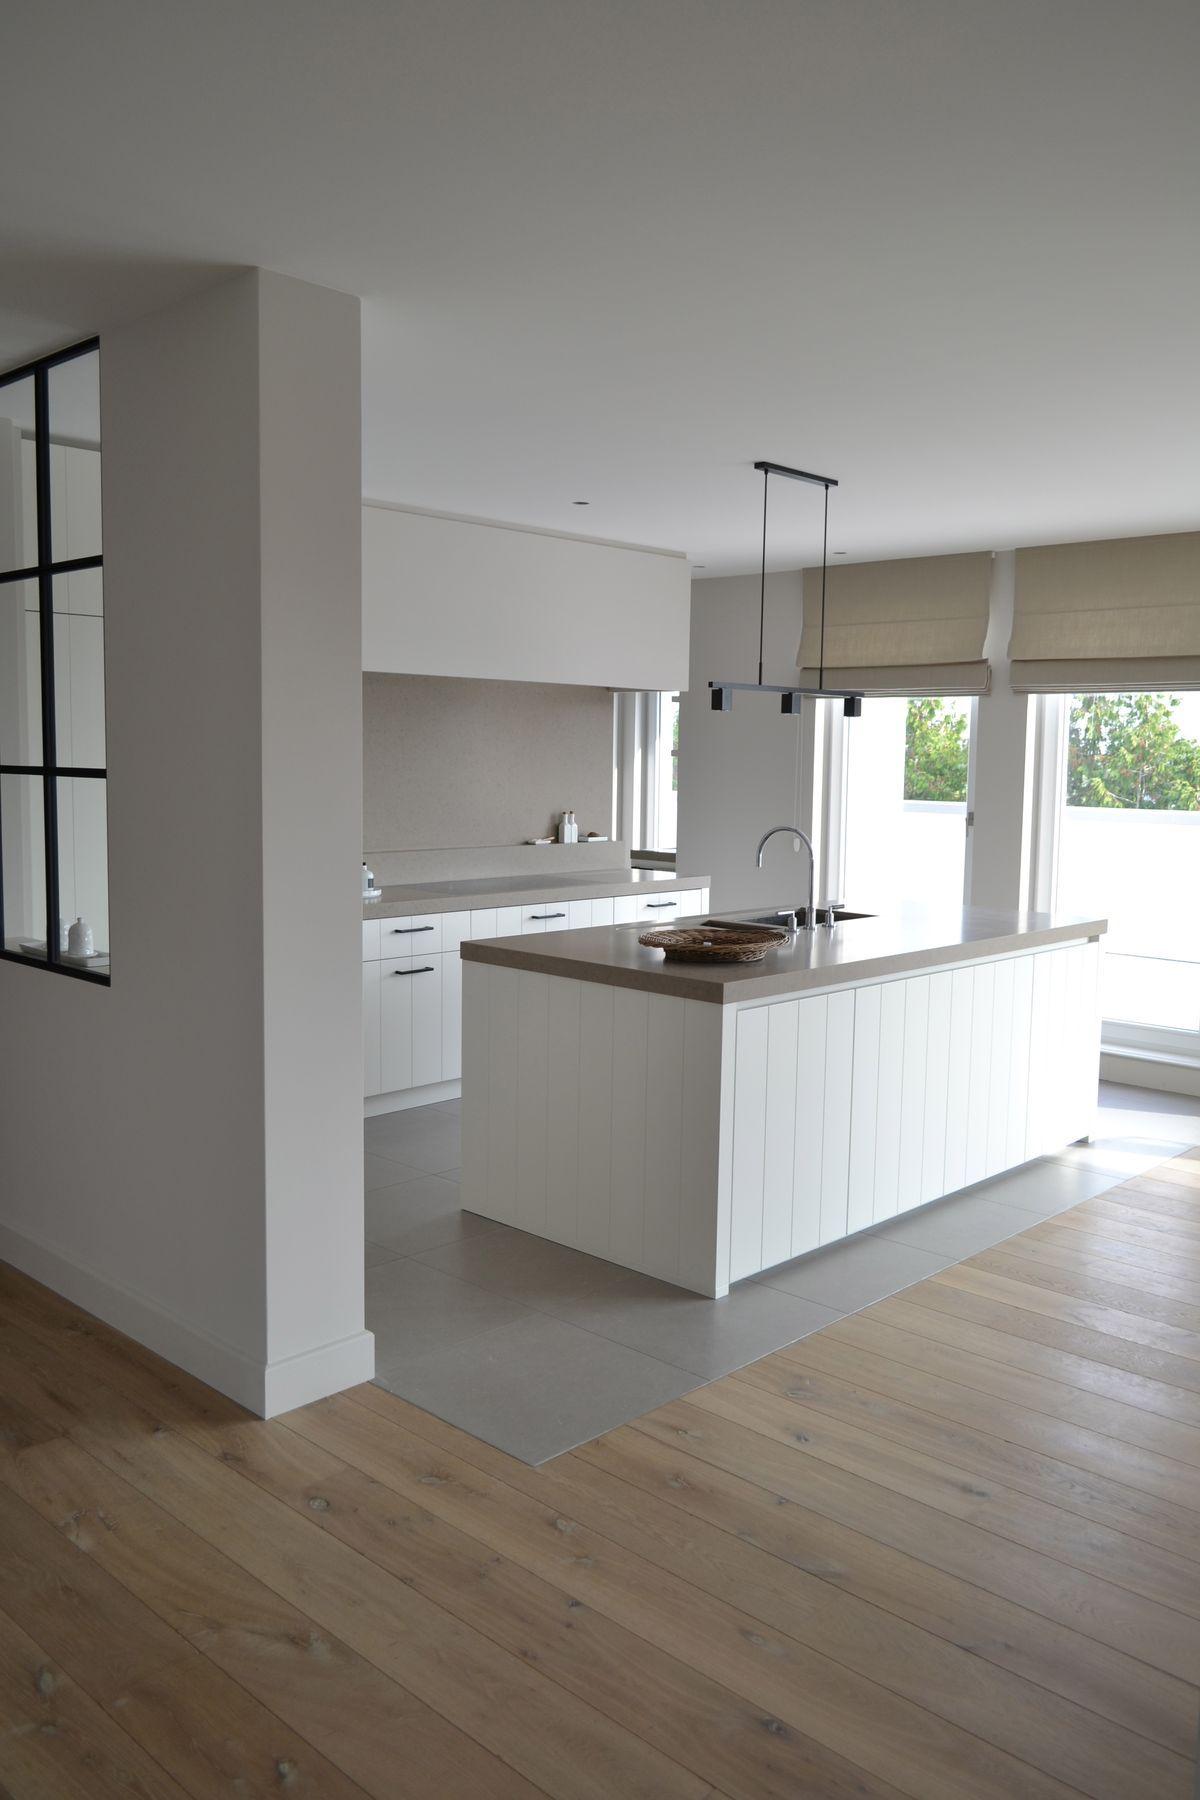 d90f0aa22533323b0365ae0416b33c58.jpg 1.200×1.800 píxeles | kitchen ...